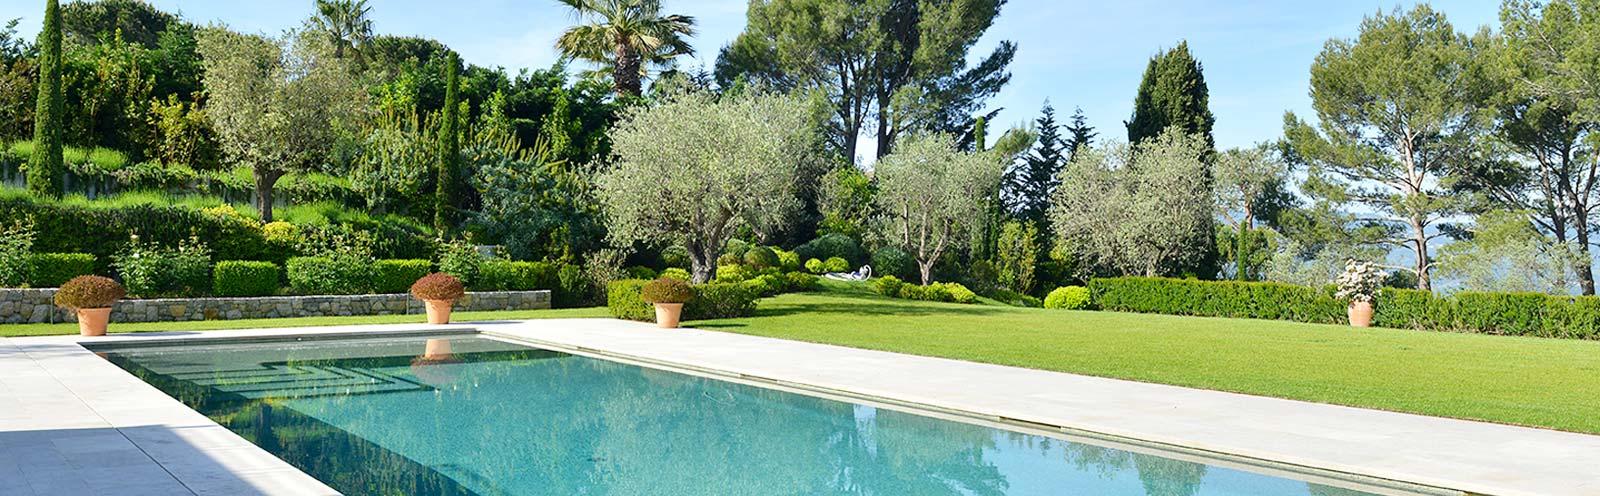 Création de jardins Aménagement paysager